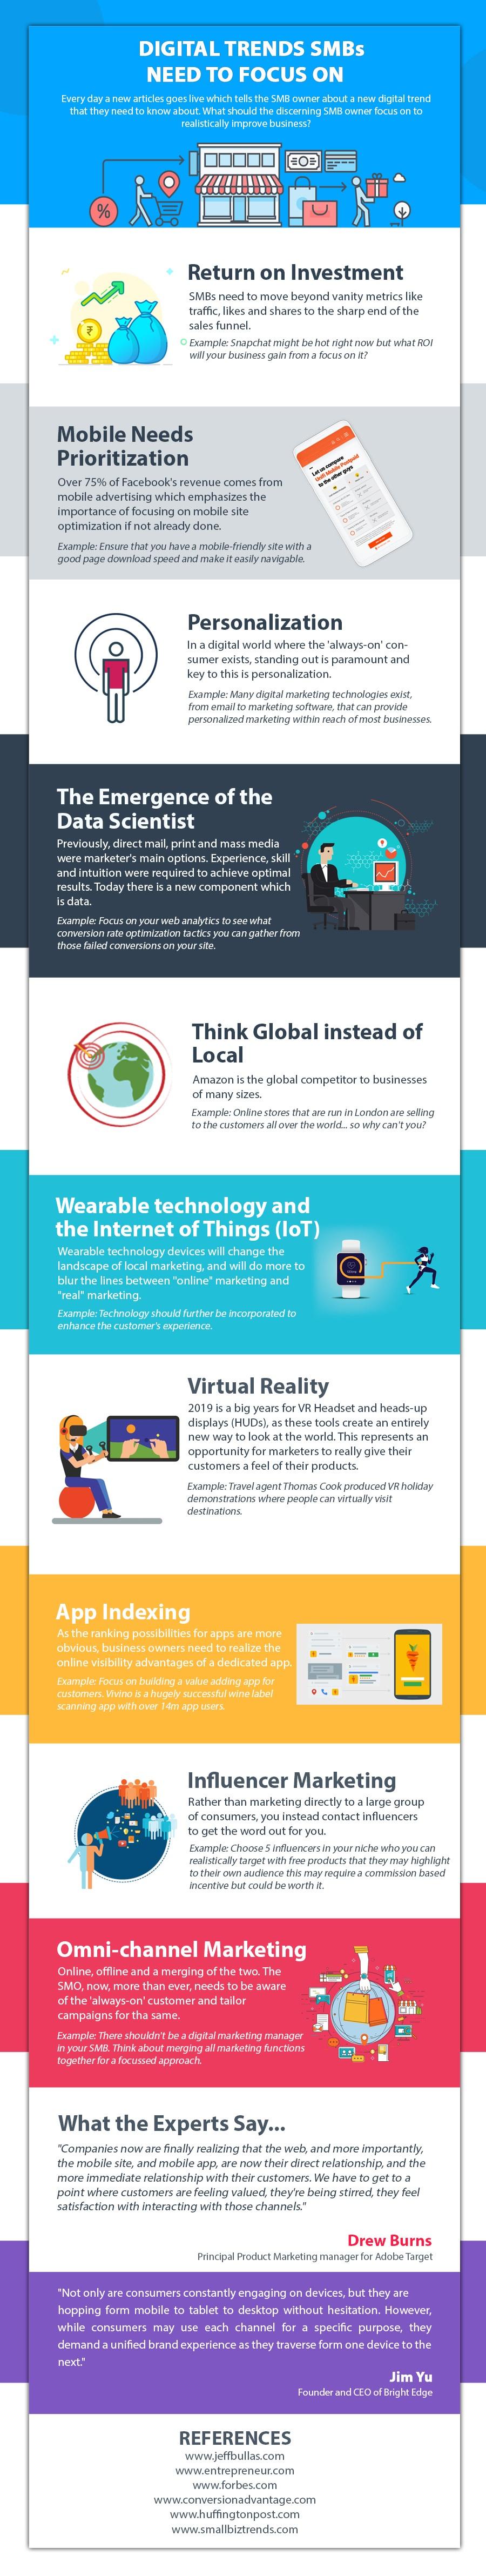 SMB Digital Trends